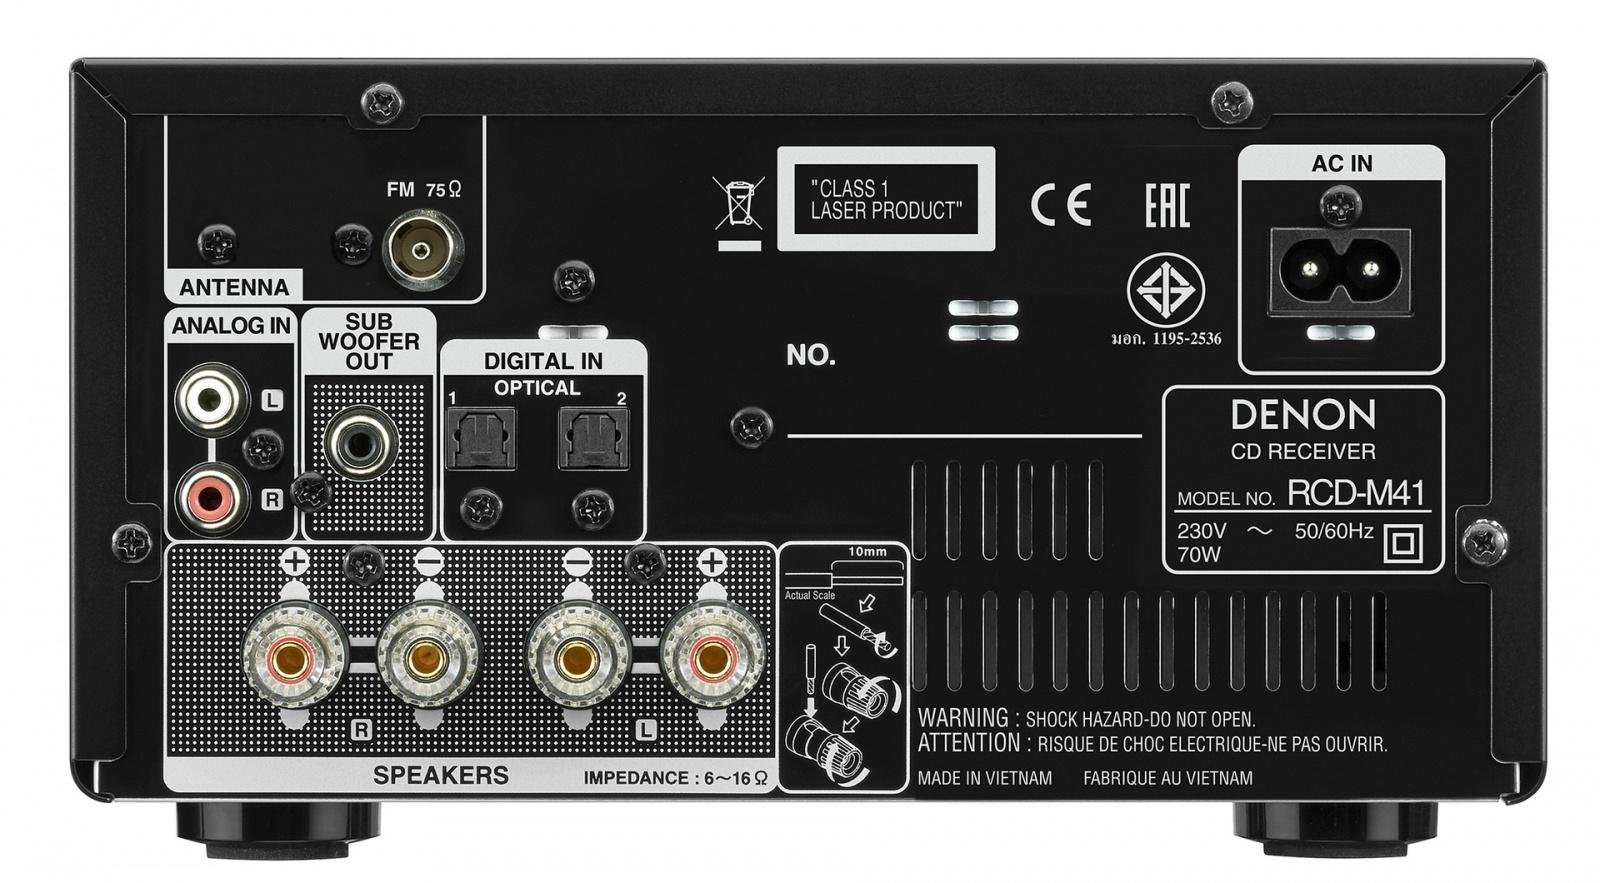 Мини-система Denon D-M41: возвращение к концепции музыкального центра, Hi-Fi для среднего класса - 2